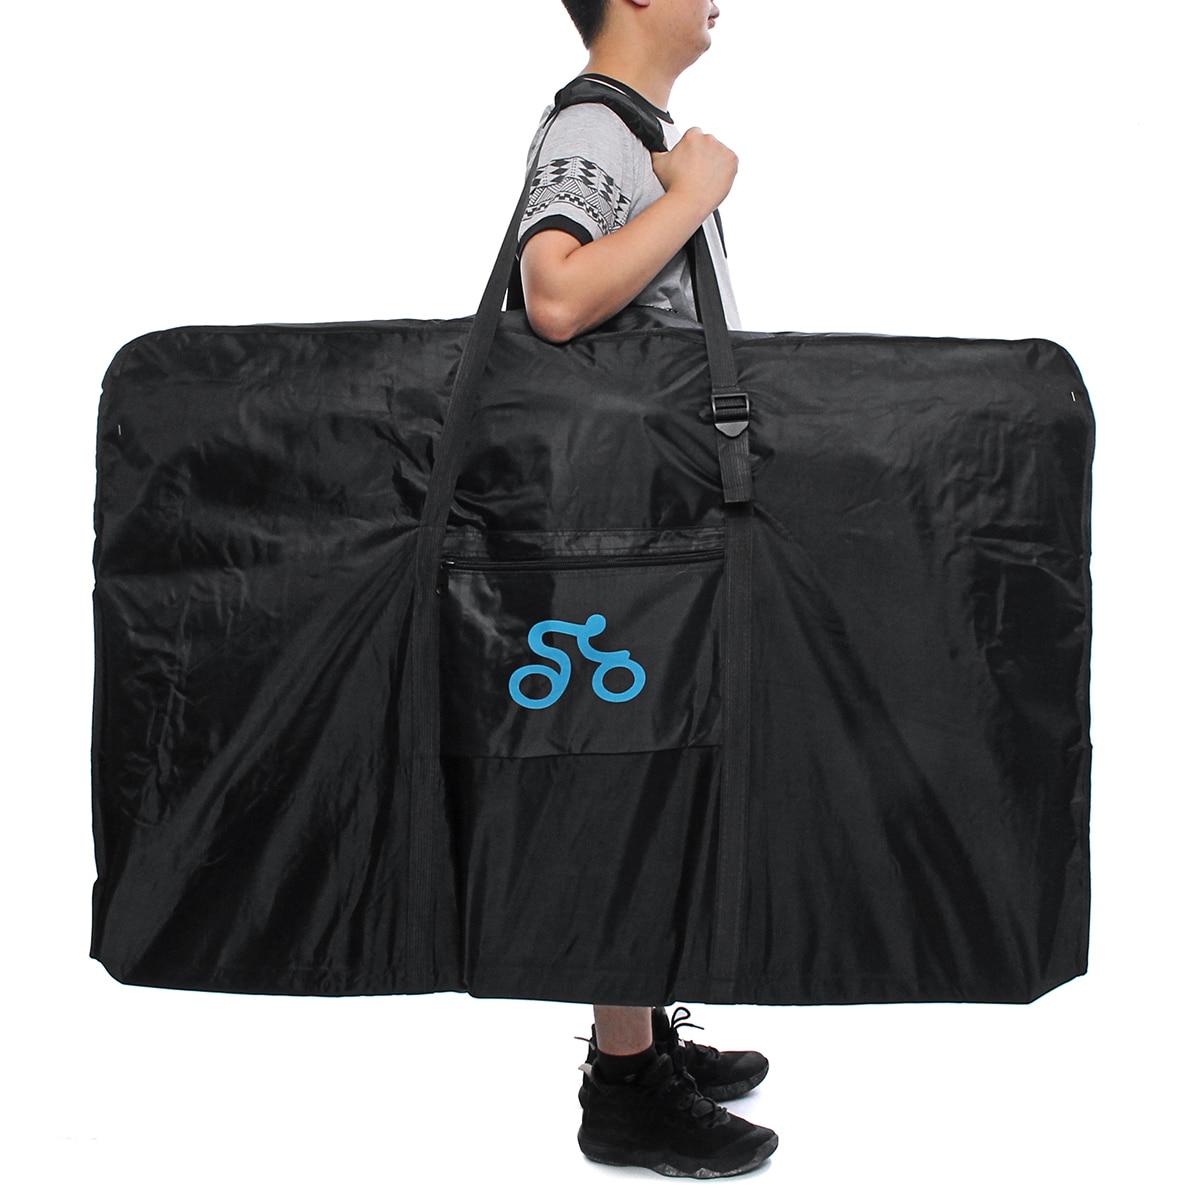 Nueva bolsa de transporte de bicicleta portátil de nailon 1680D para bicicleta de 26 29 pulgadas funda de transporte de bicicleta de viaje accesorios al aire libre deporte-in Maletas y bolsas de bicicleta from Deportes y entretenimiento on AliExpress - 11.11_Double 11_Singles' Day 1